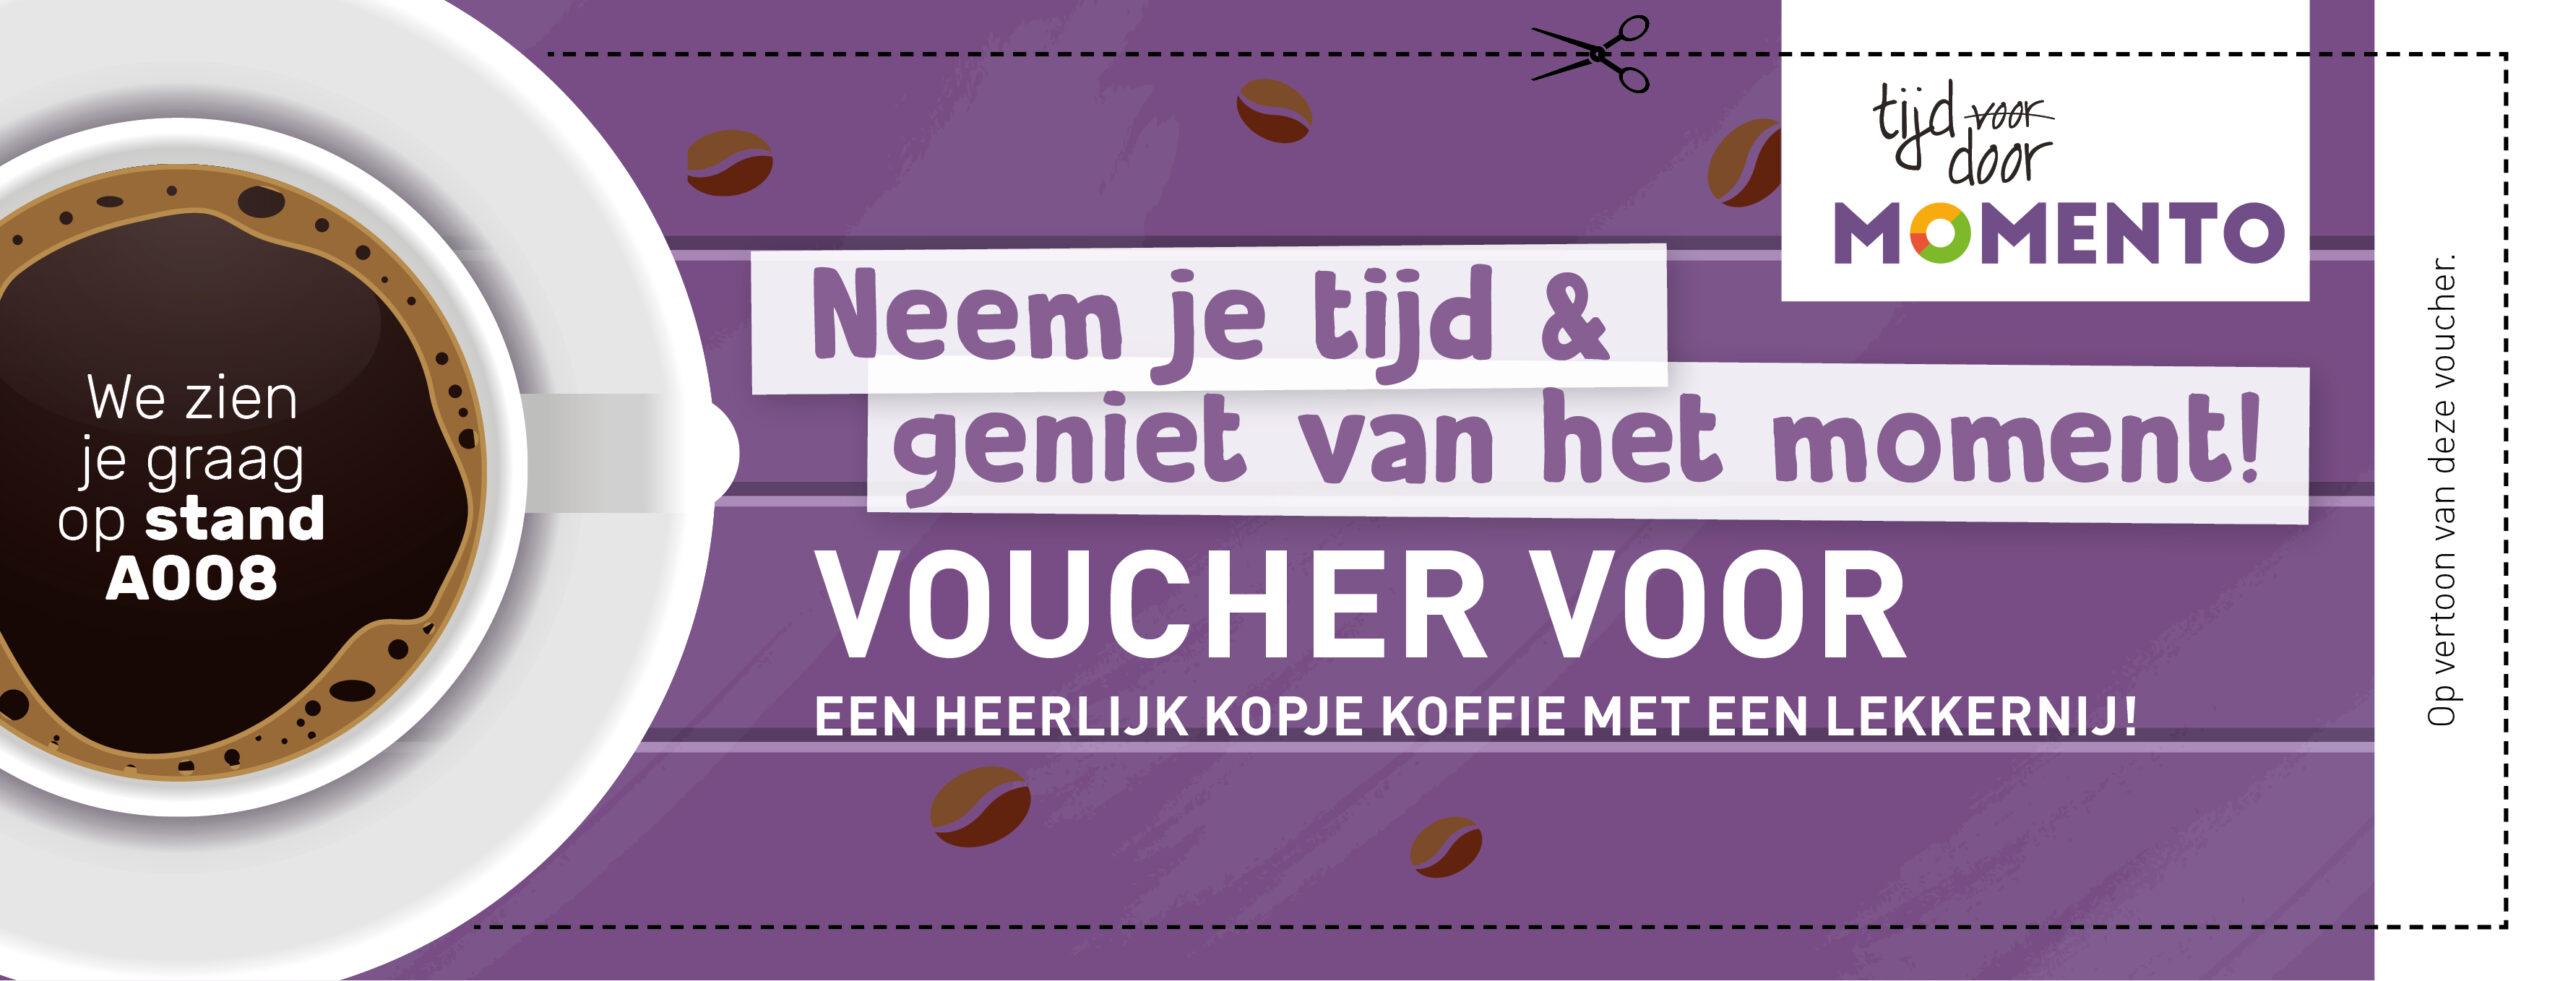 voucher_gratis_koffie.jpg